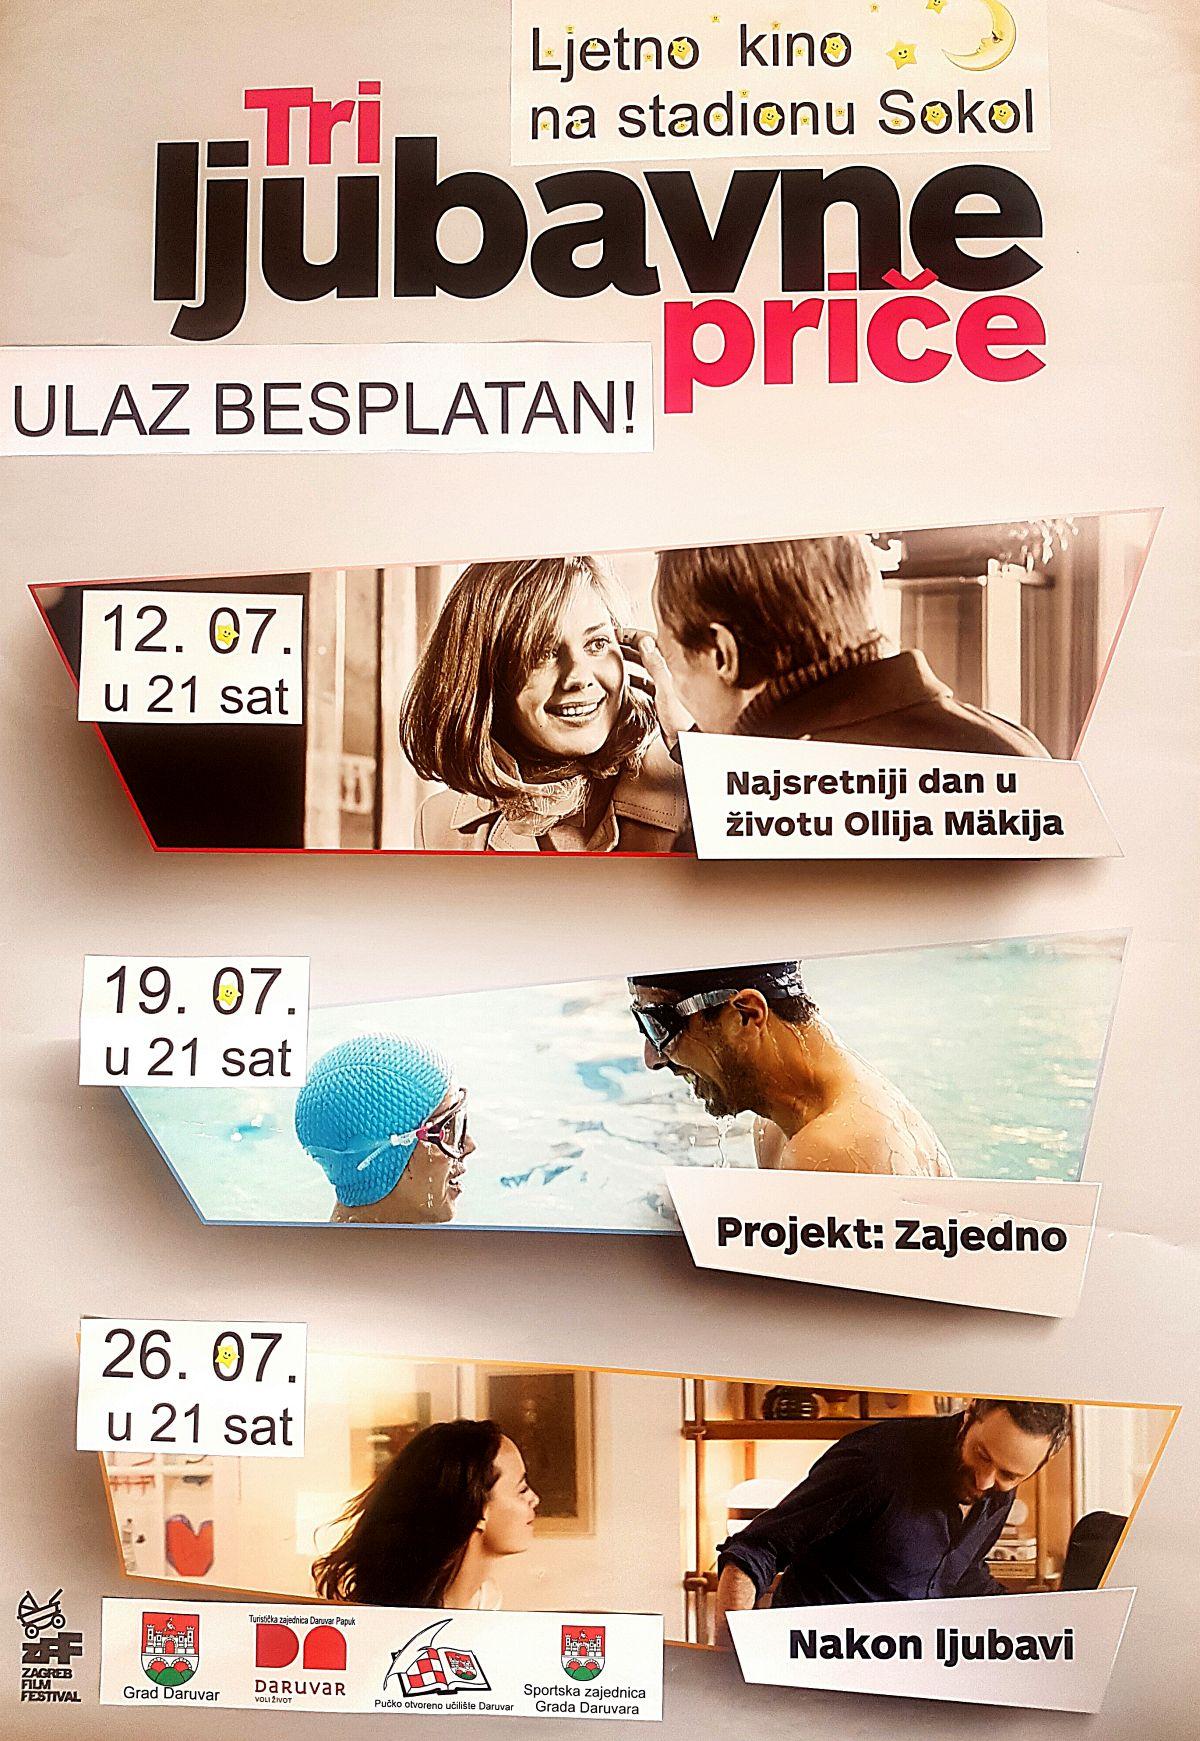 Ljetno kino na stadionu Sokol - Tri ljubavne priče